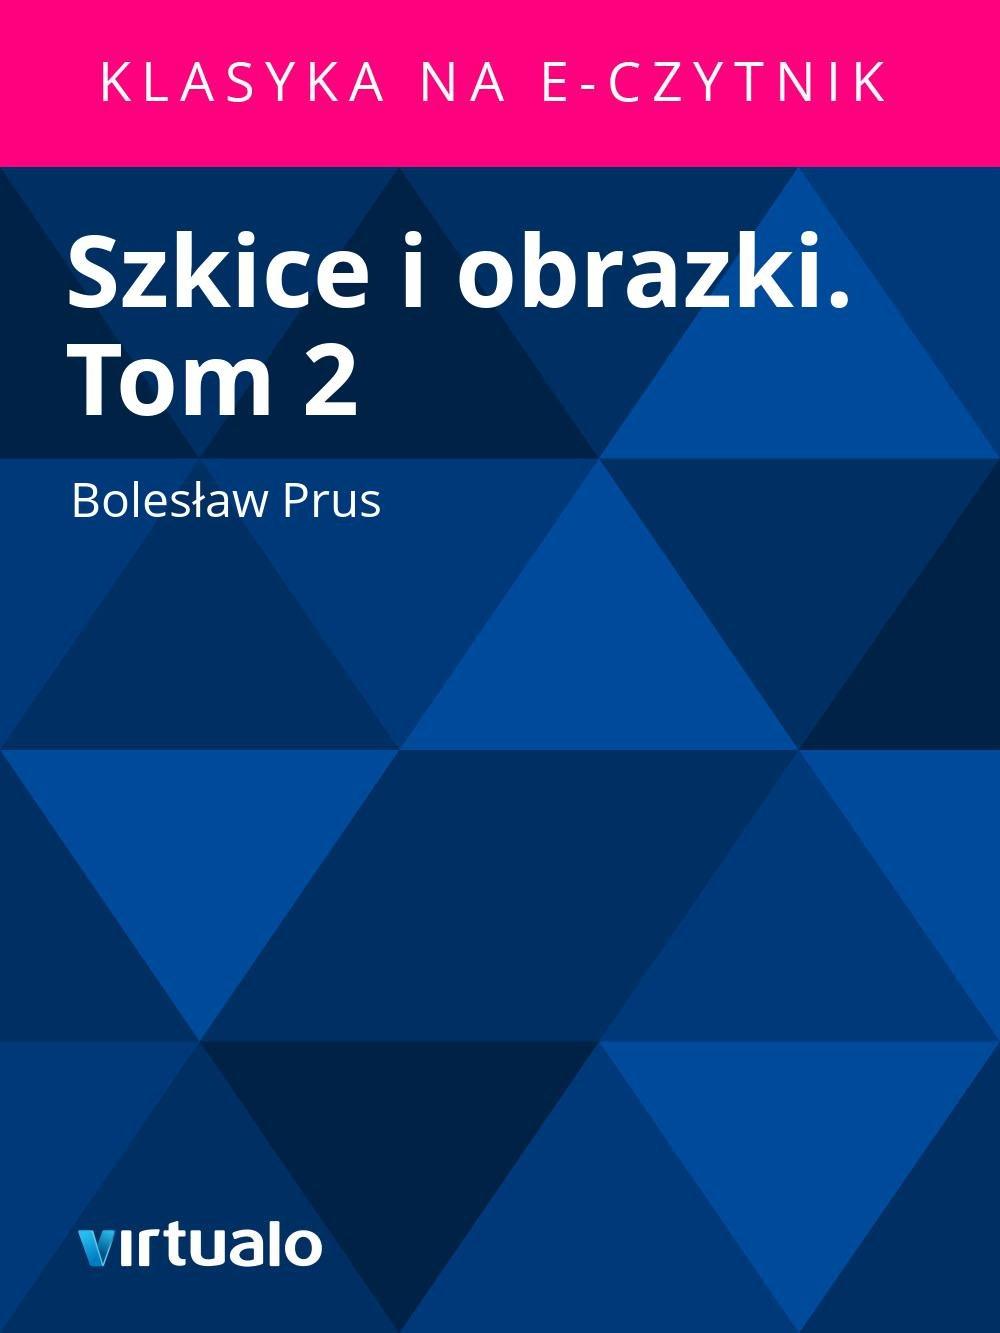 Szkice i obrazki. Tom 2 - Ebook (Książka EPUB) do pobrania w formacie EPUB